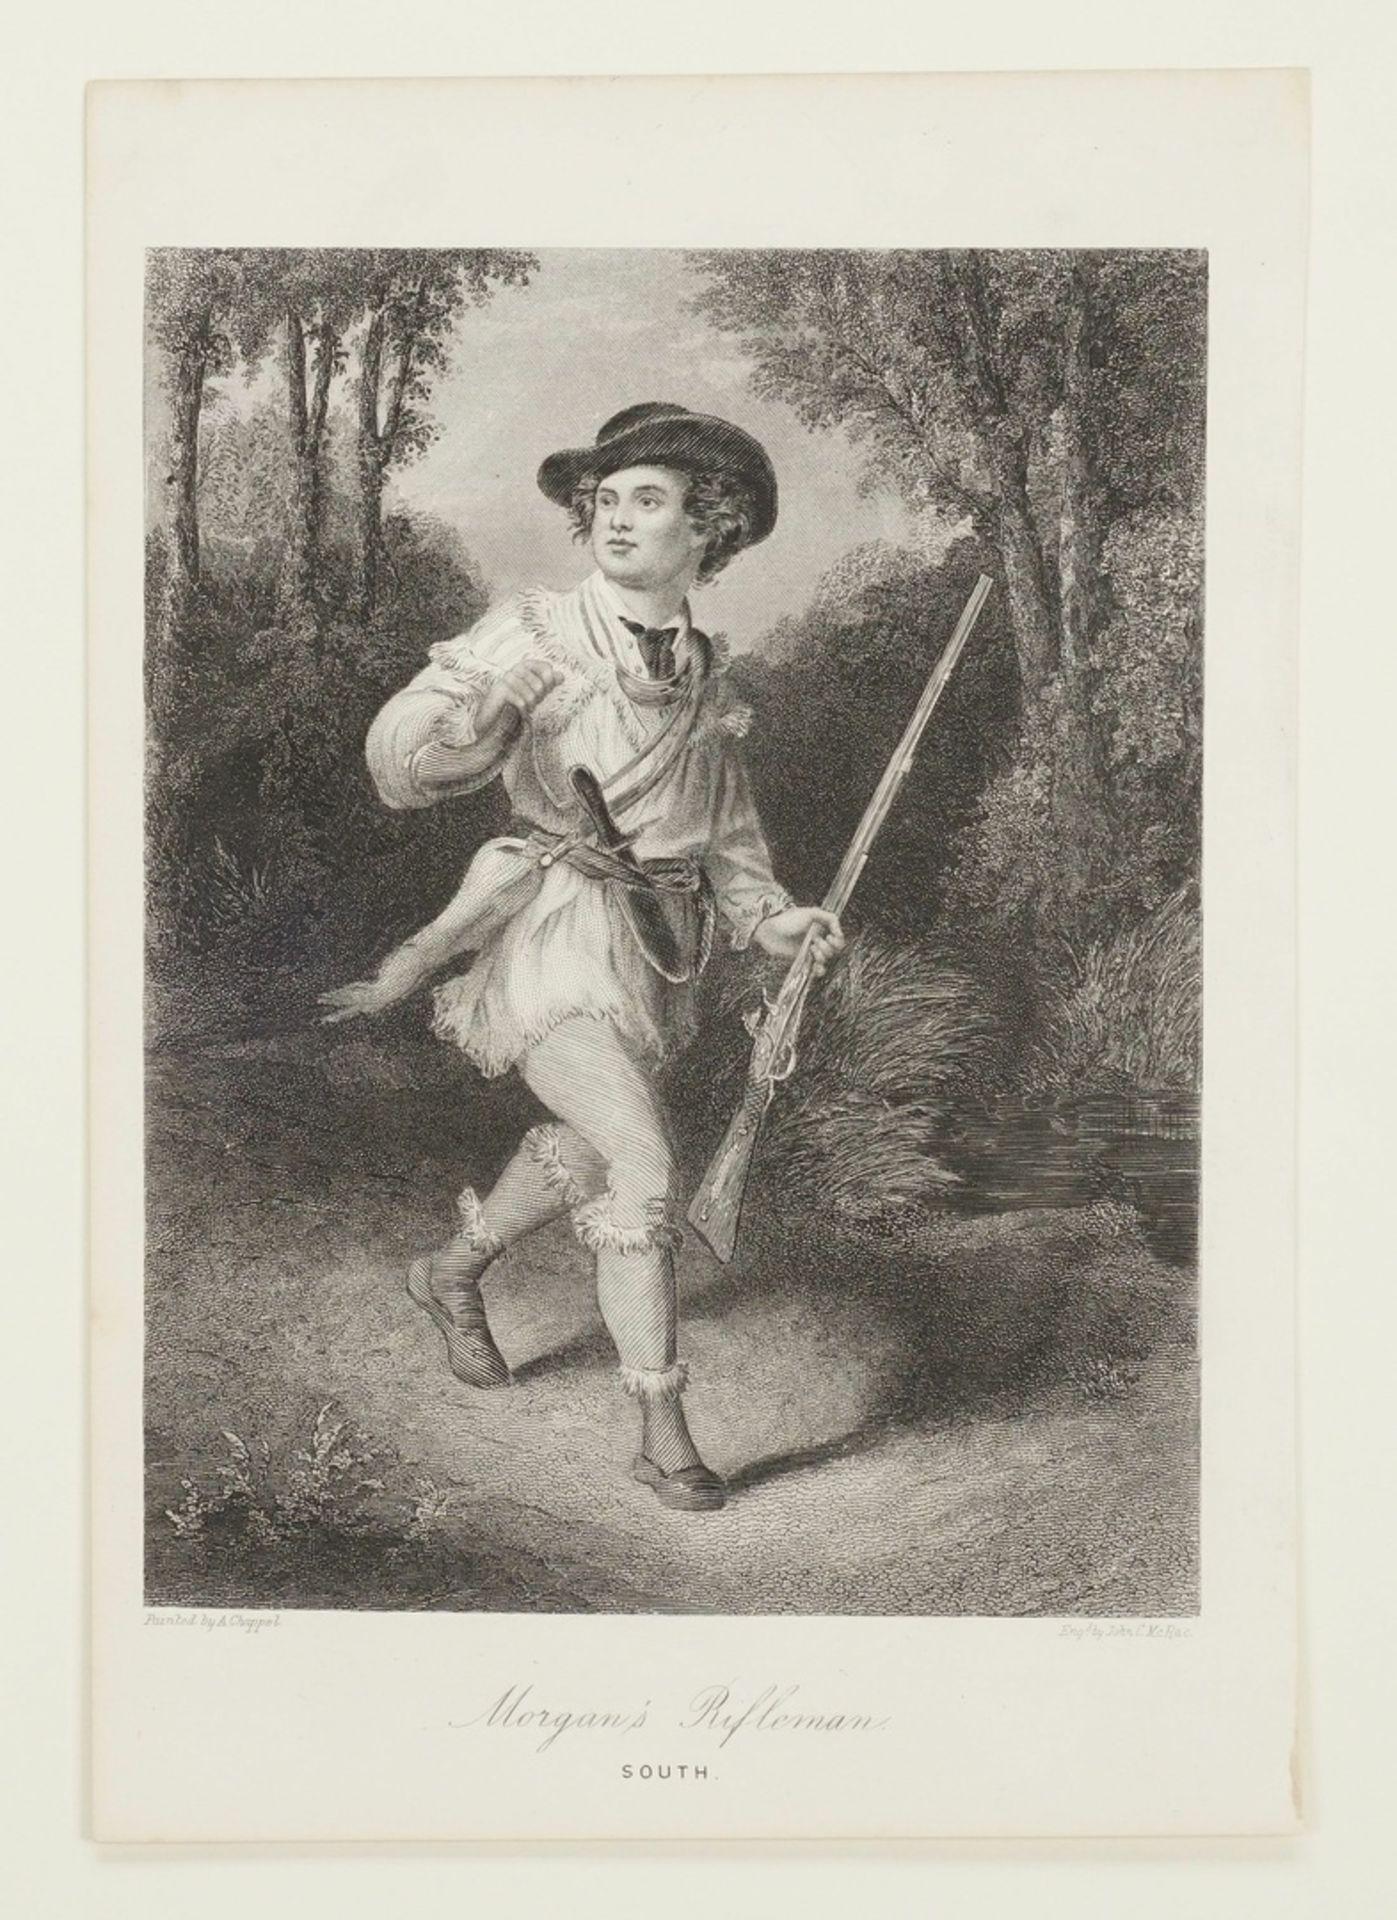 John C. McRae, Drei Darstellungen nordamerikanischer Soldaten - Bild 3 aus 4